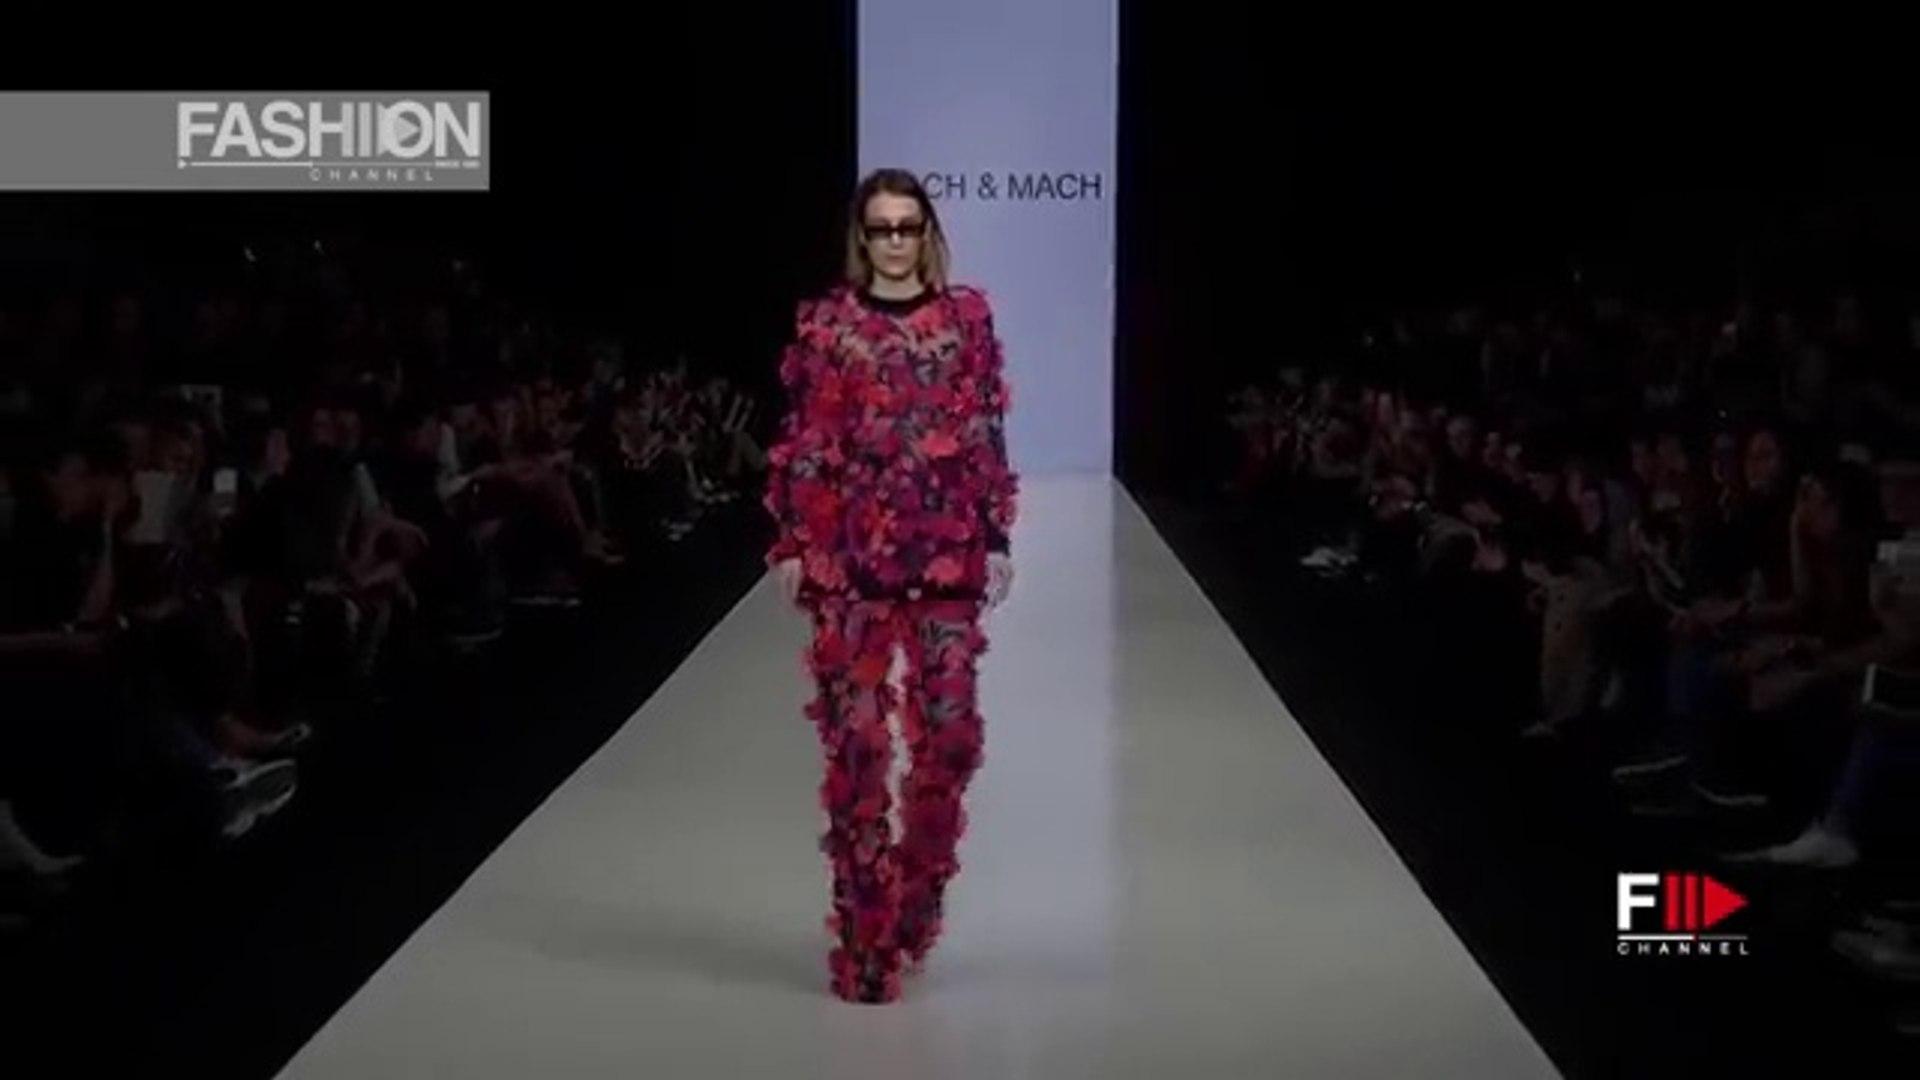 Fashion Tv Fashion Tv MACH & MACH Moscow FW 2017 2018 - Fashion Channel